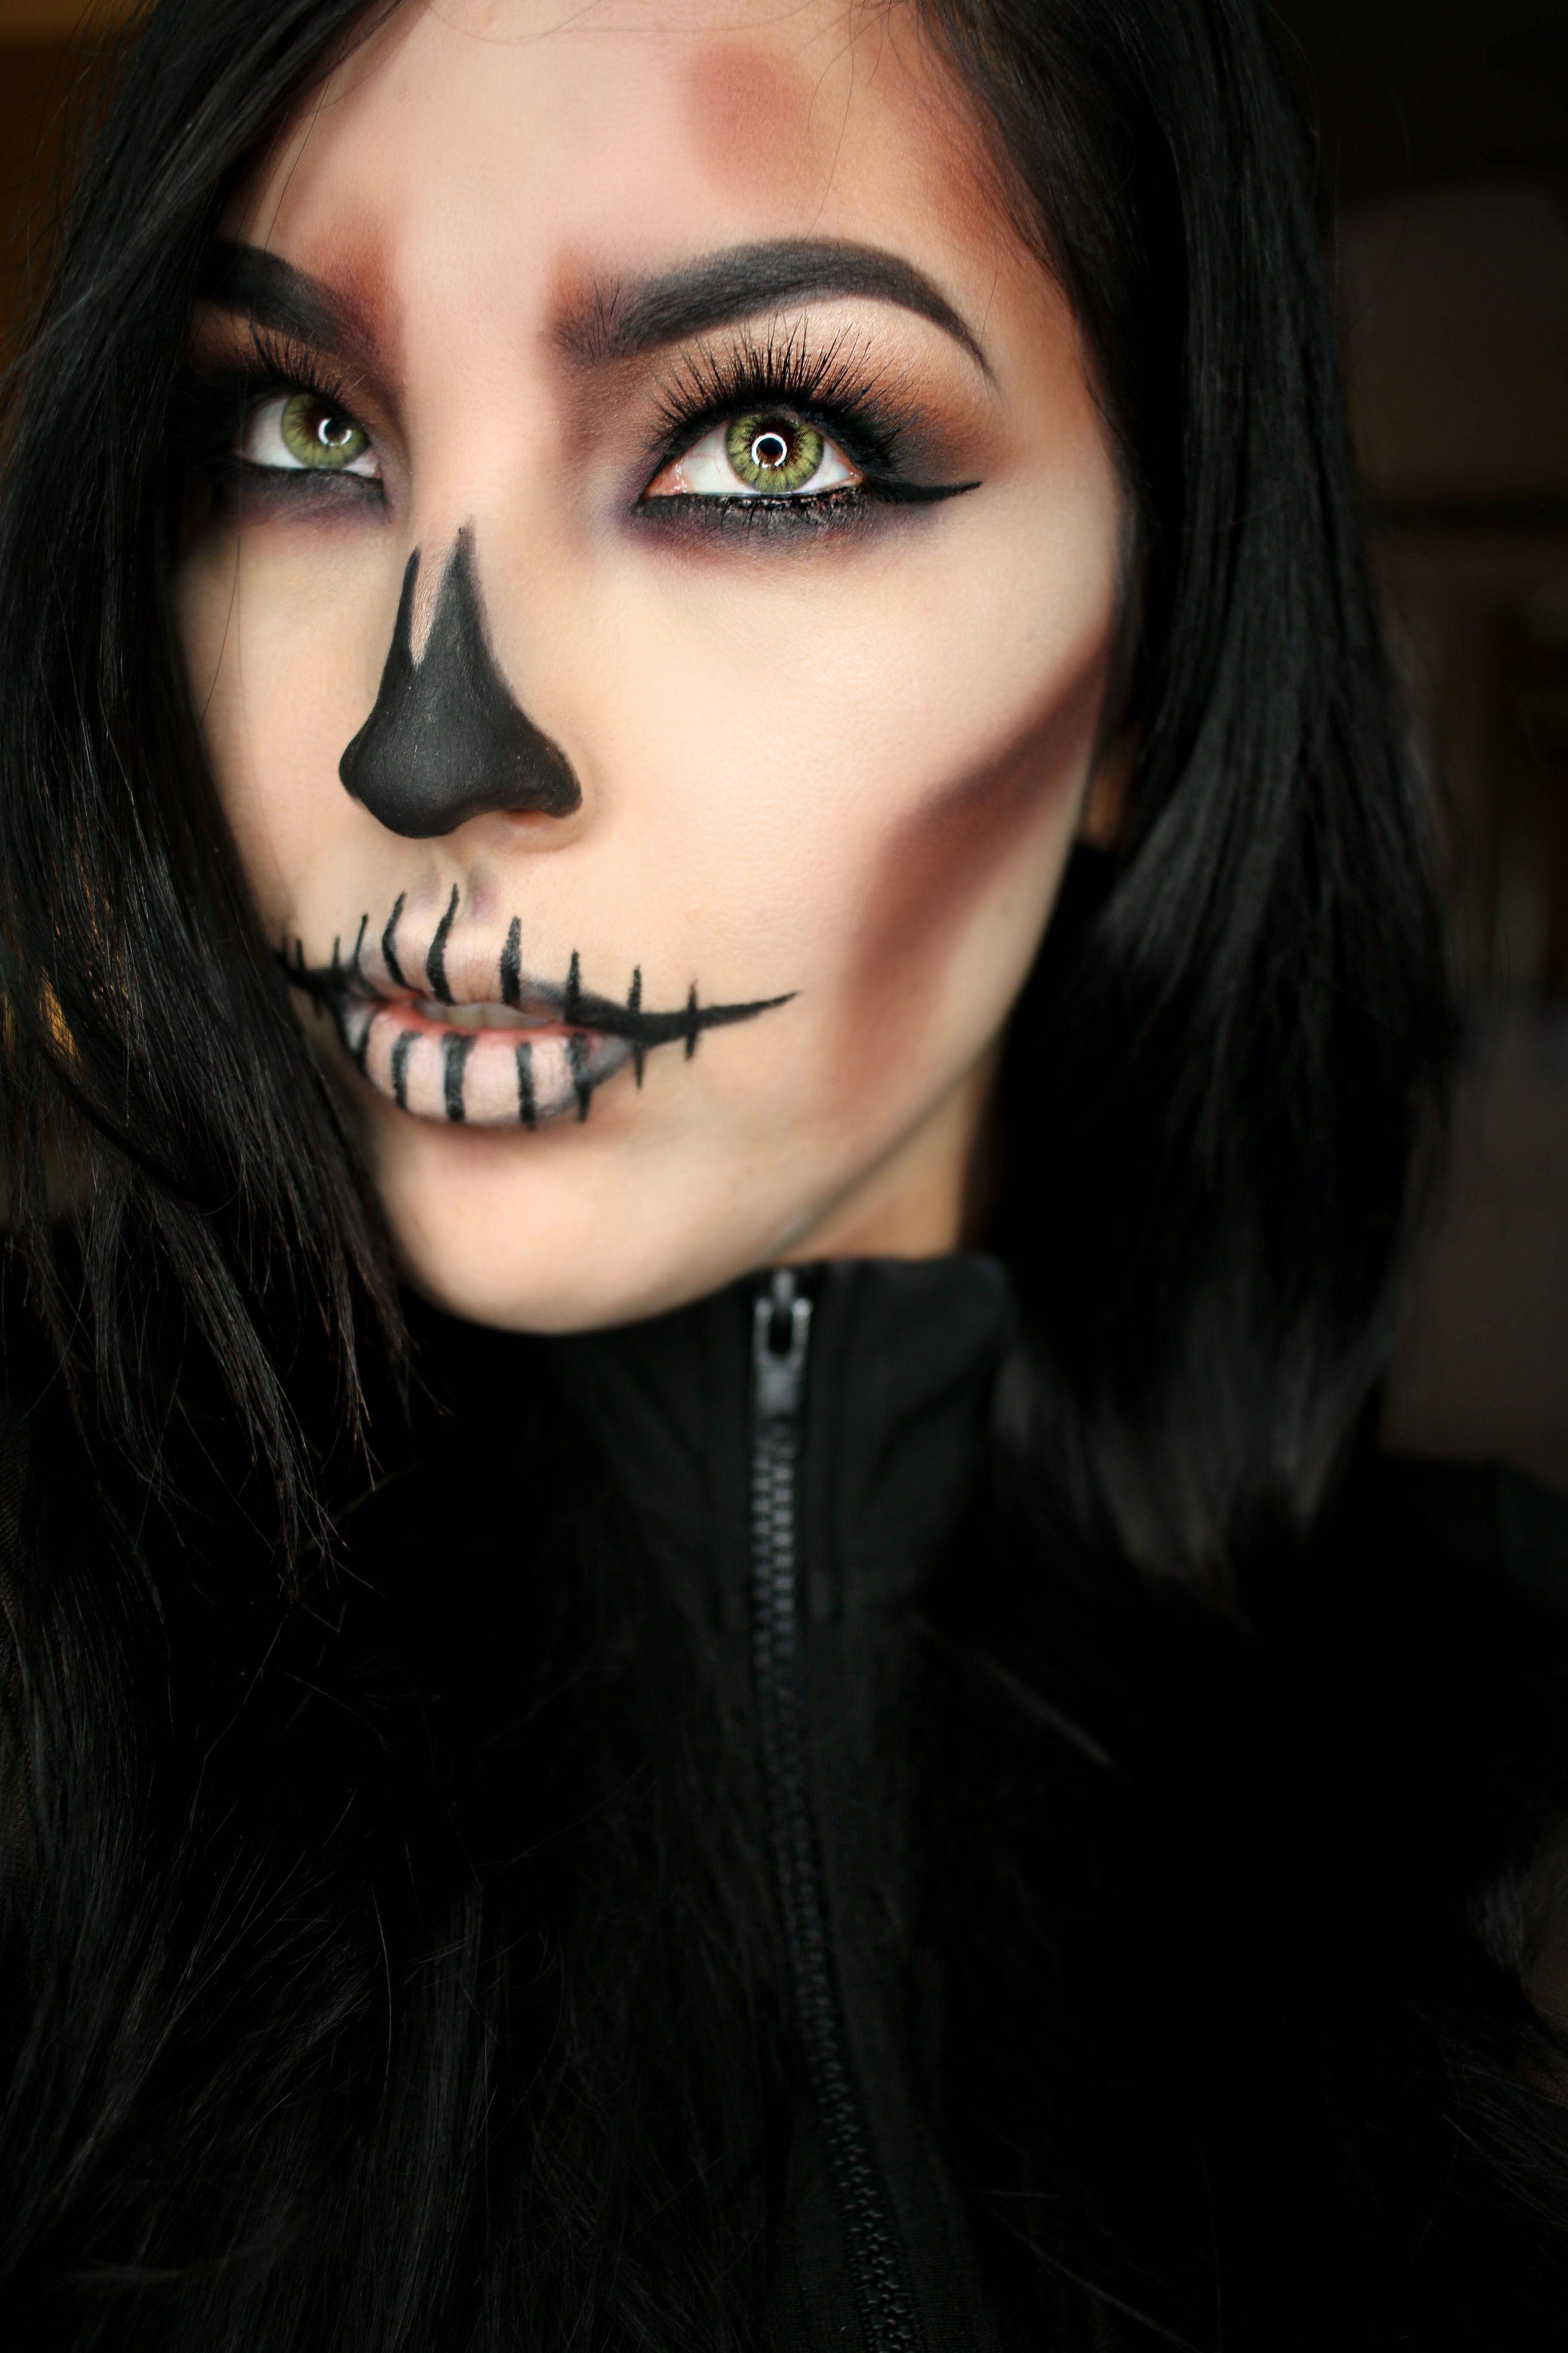 Skull makeup halloween halloweenmakeup skullmakeup